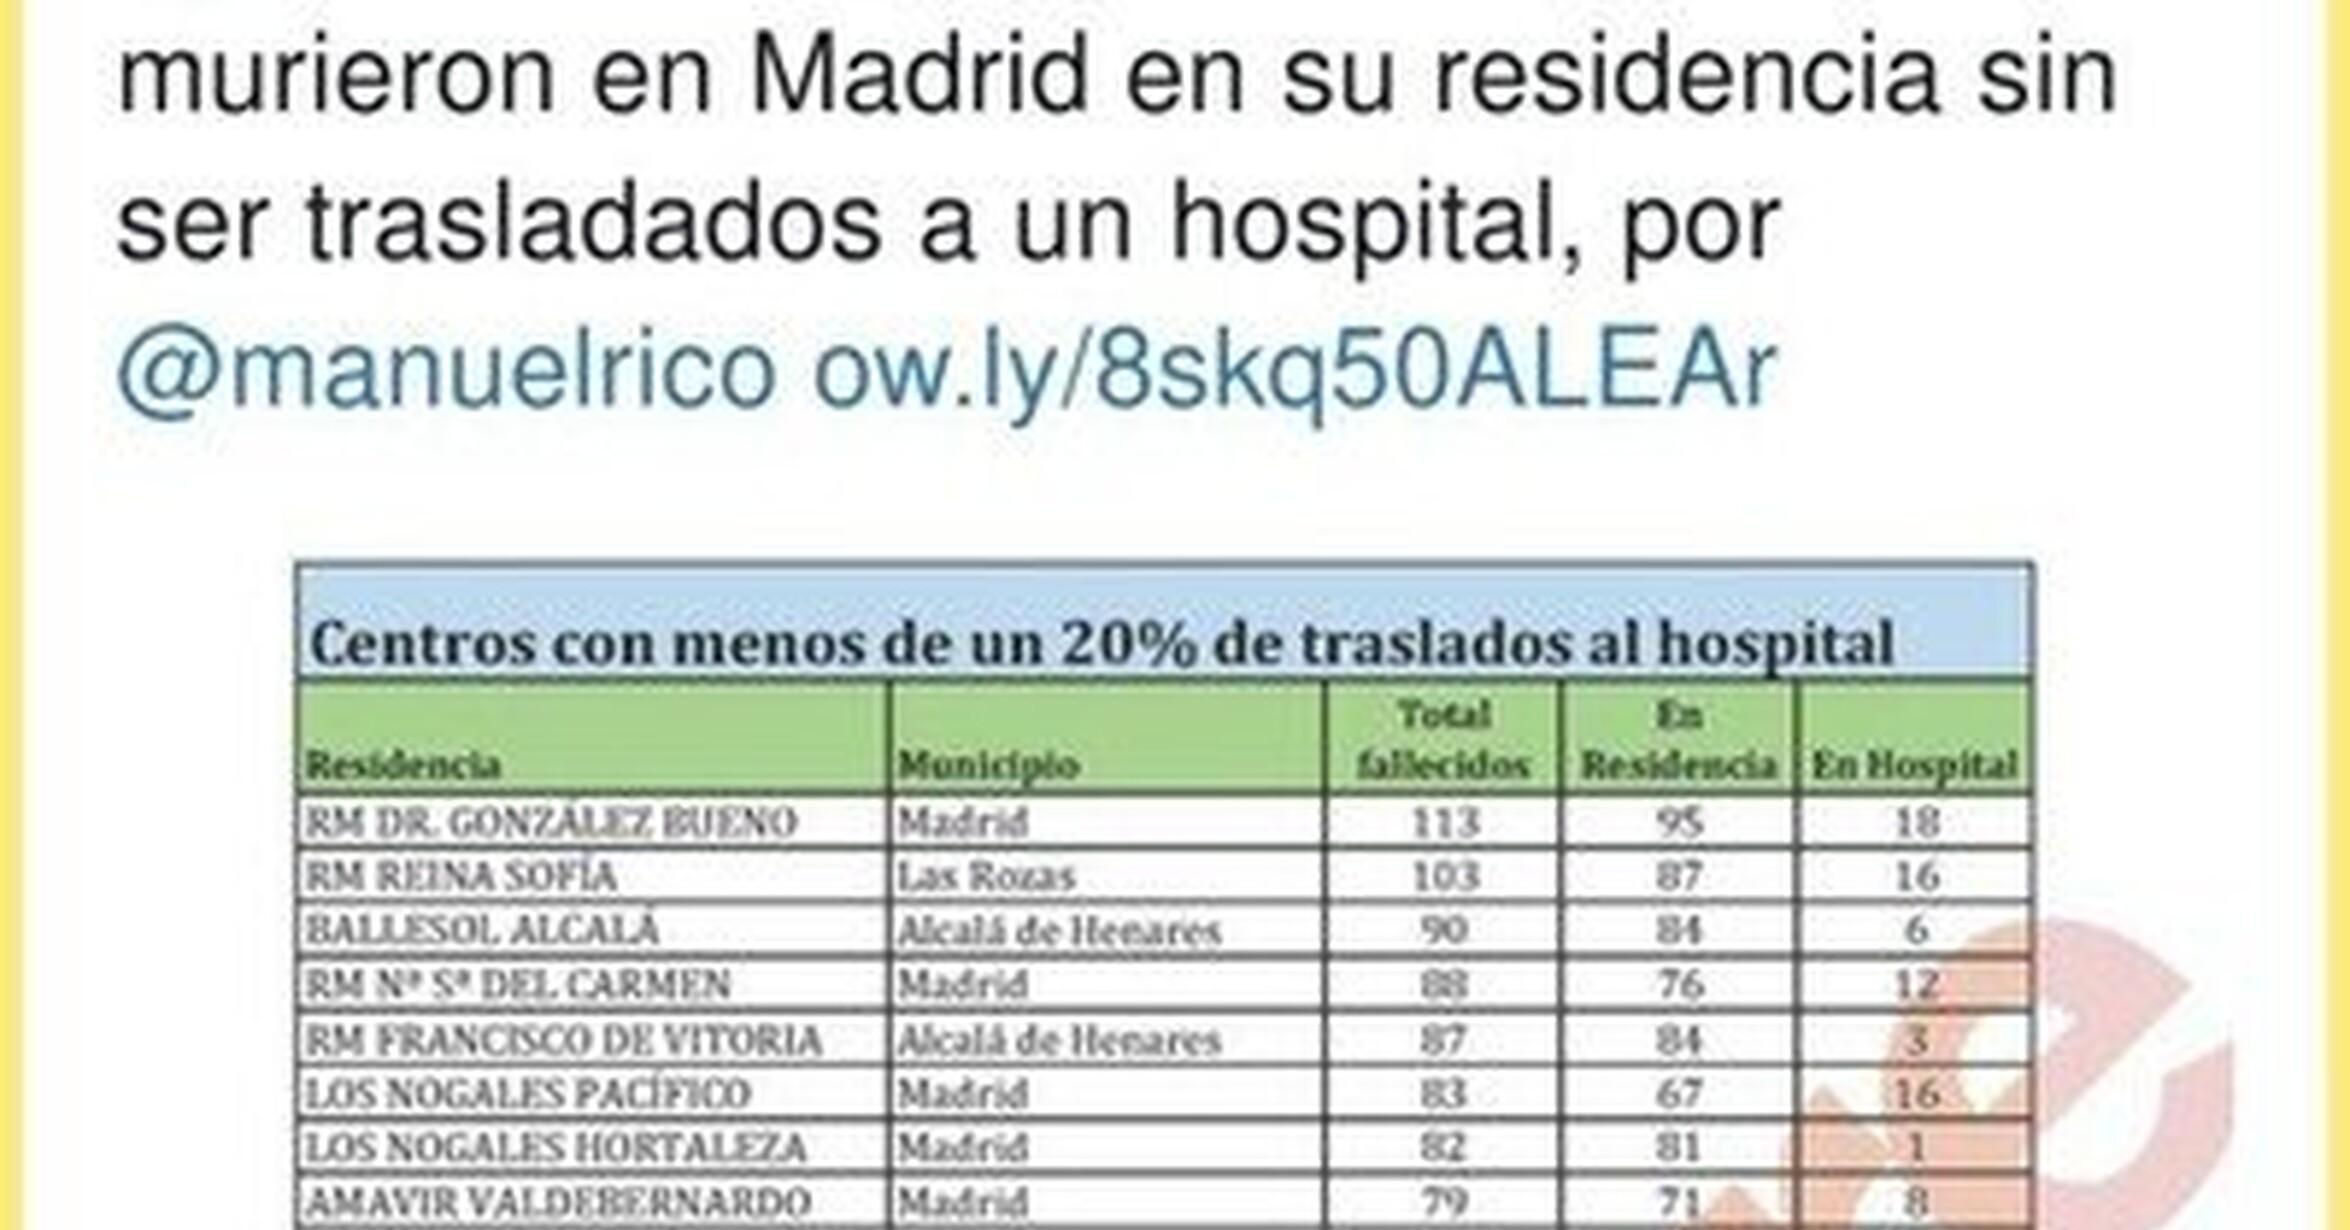 https://statics.memondo.com/p/s1/aves/2020/07/AVE_295663_75e95d8d81d84114b5b9c9c082582f2d_politica_la_matanza_de_ancianos_que_ha_habido_en_madrid_thumb_fb.jpg?cb=9302615